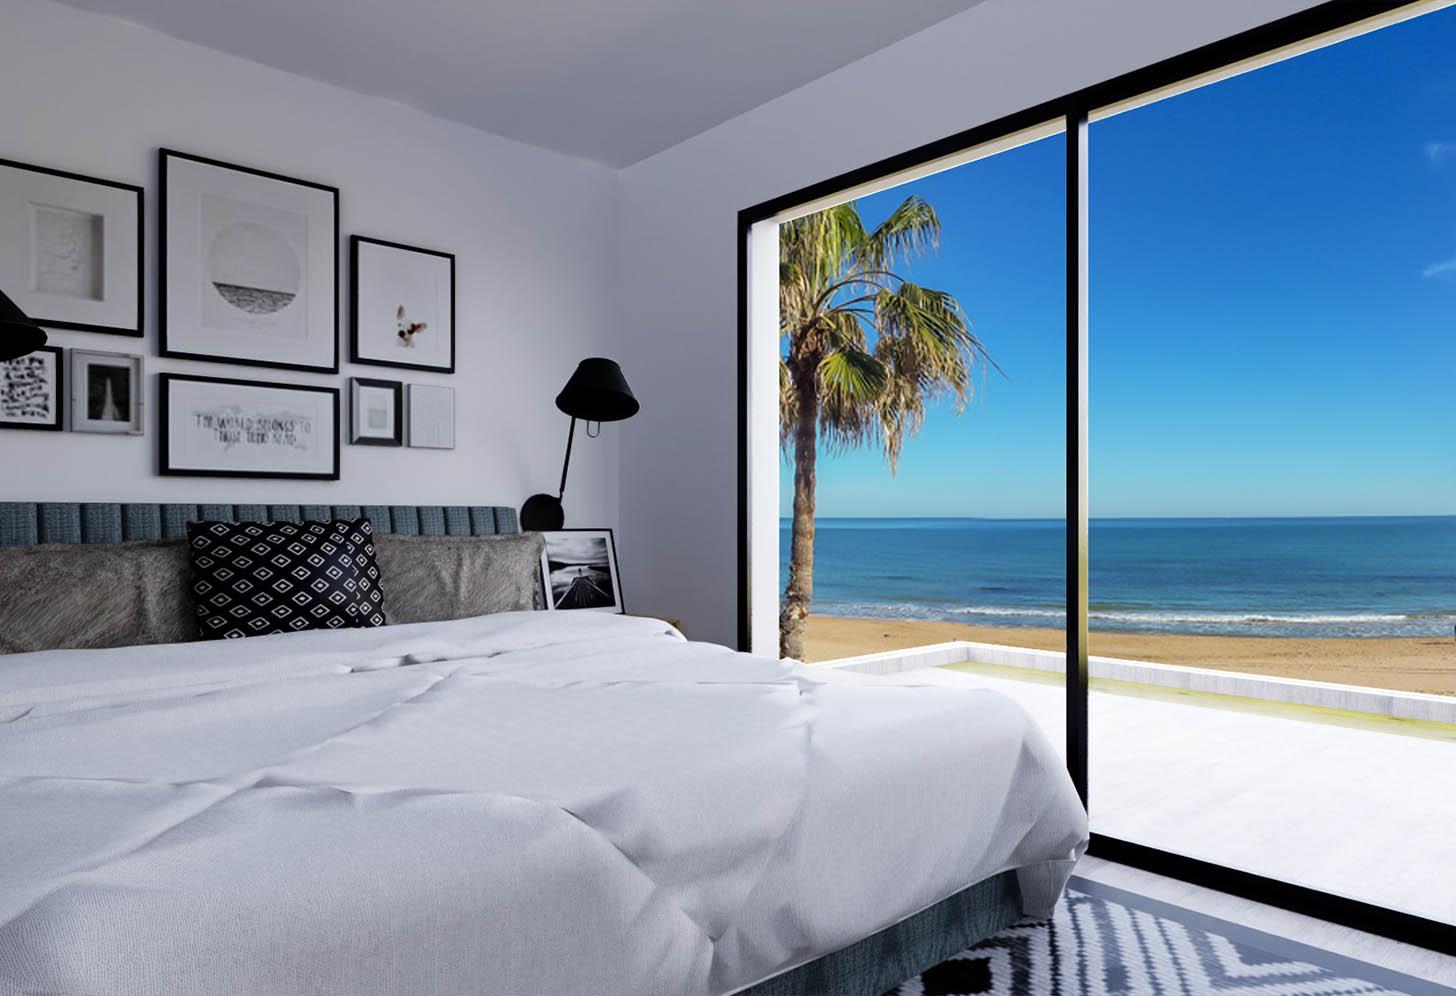 immobilier neuf espagne costa blanca nord on-c6 edificio miramar chambre